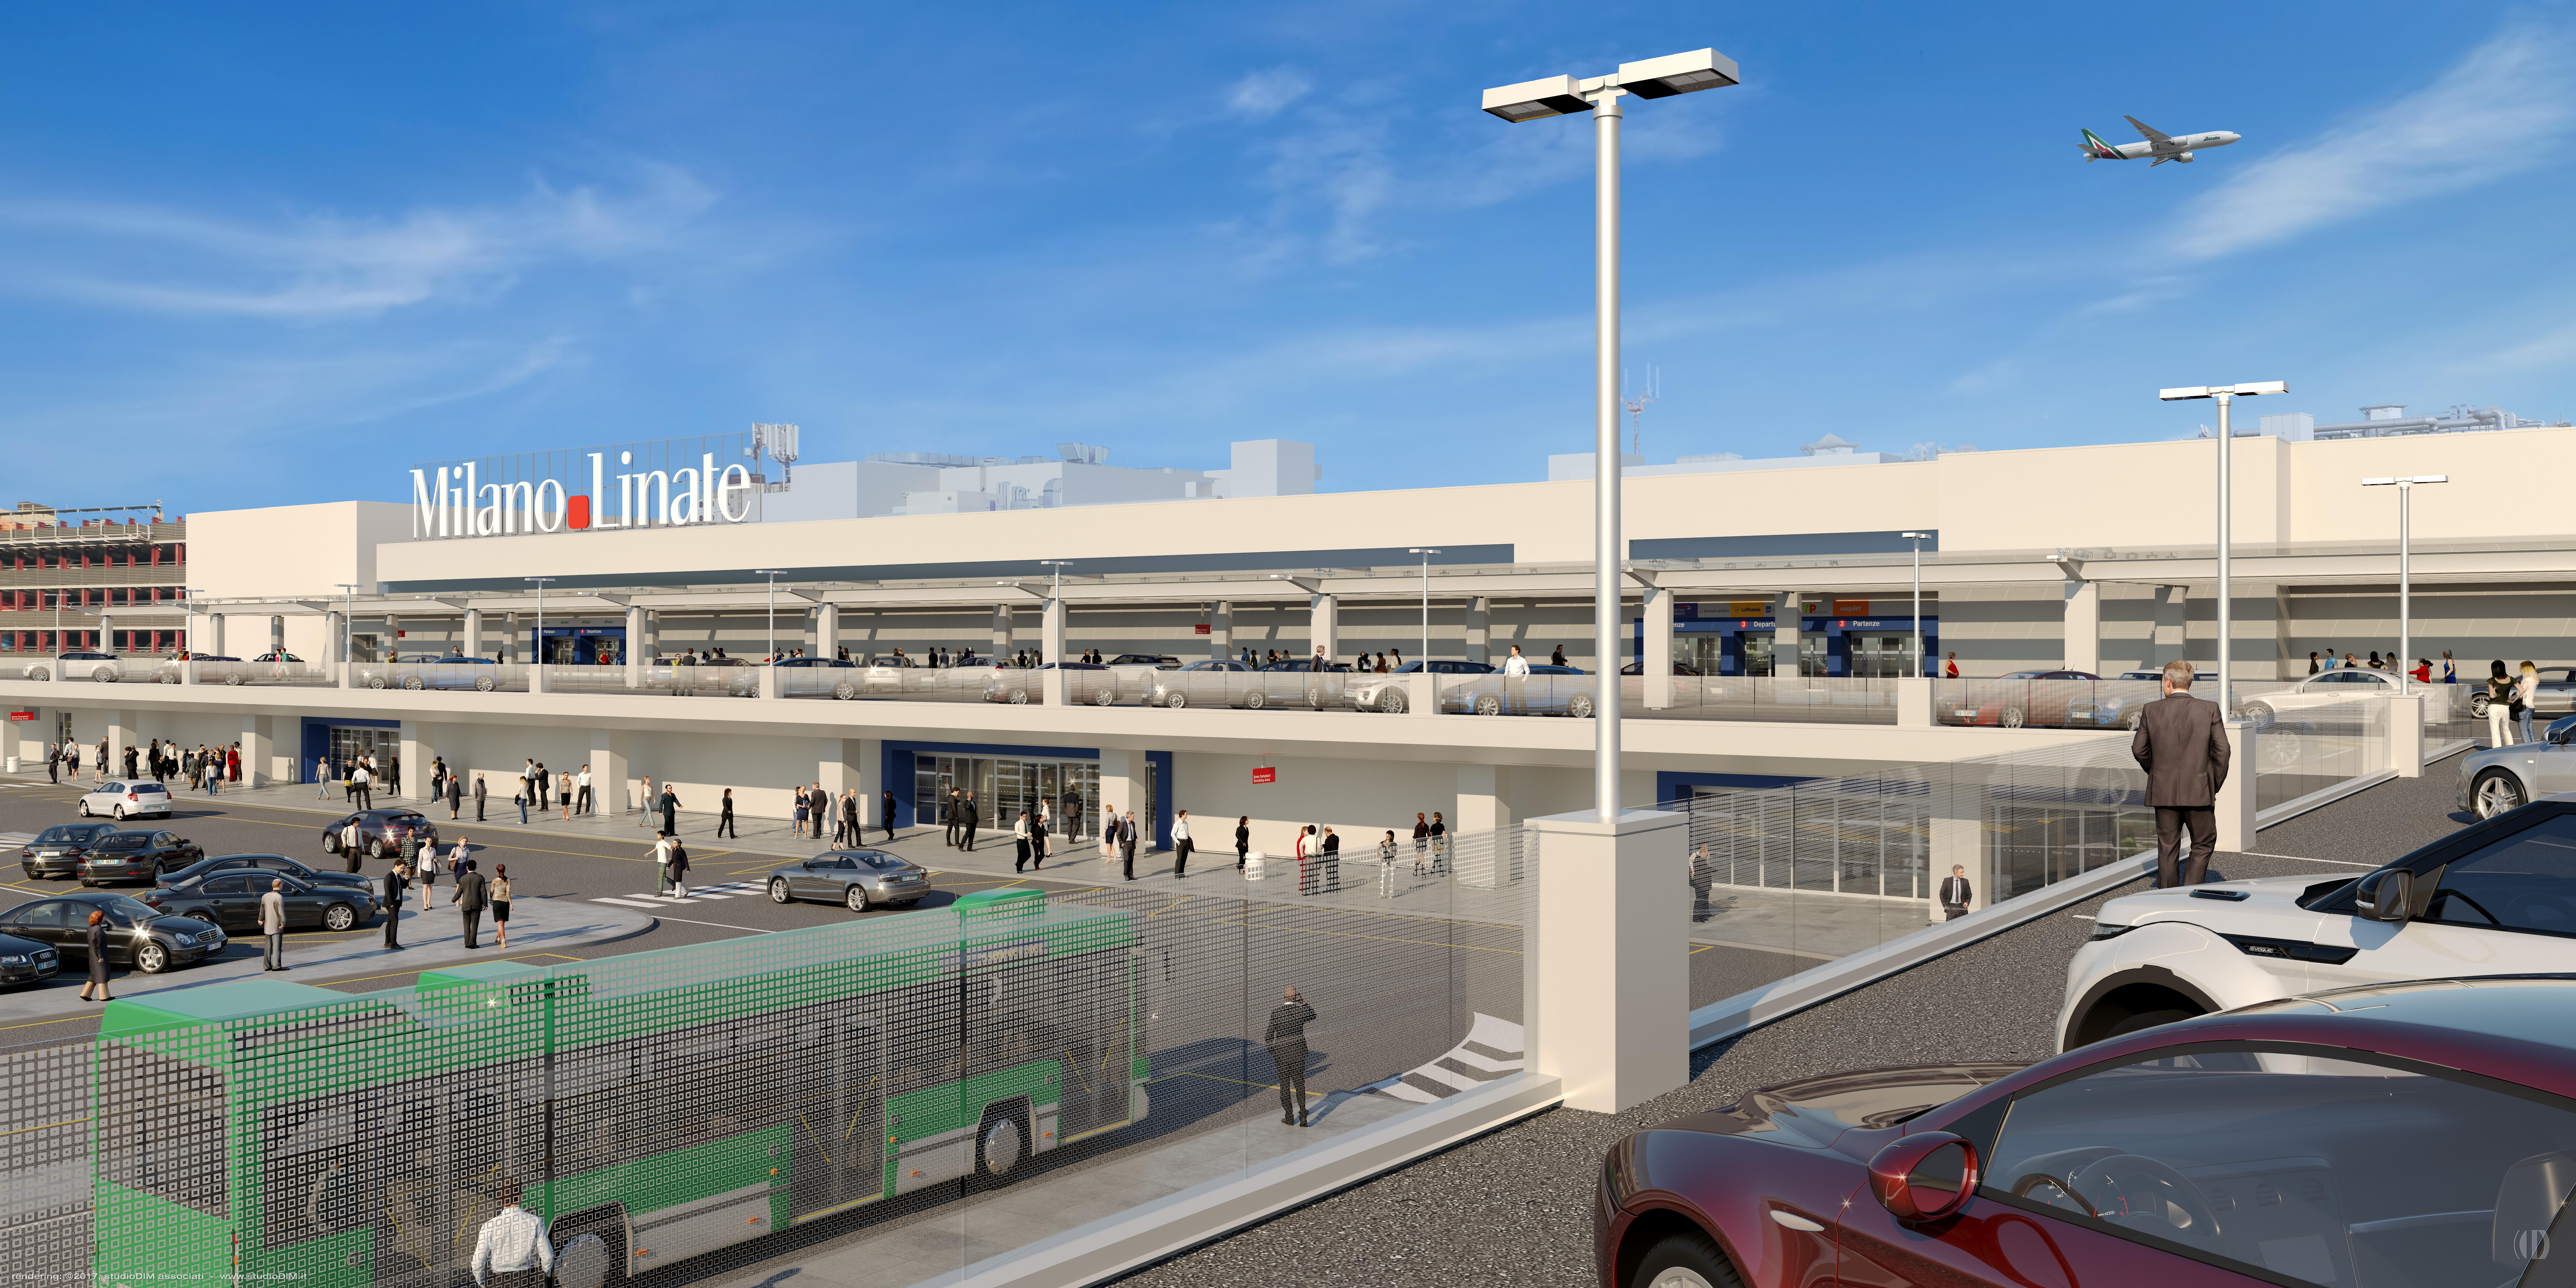 Linate entra nel futuro nuova facciata e interni moderni - Porta garibaldi malpensa terminal 2 ...